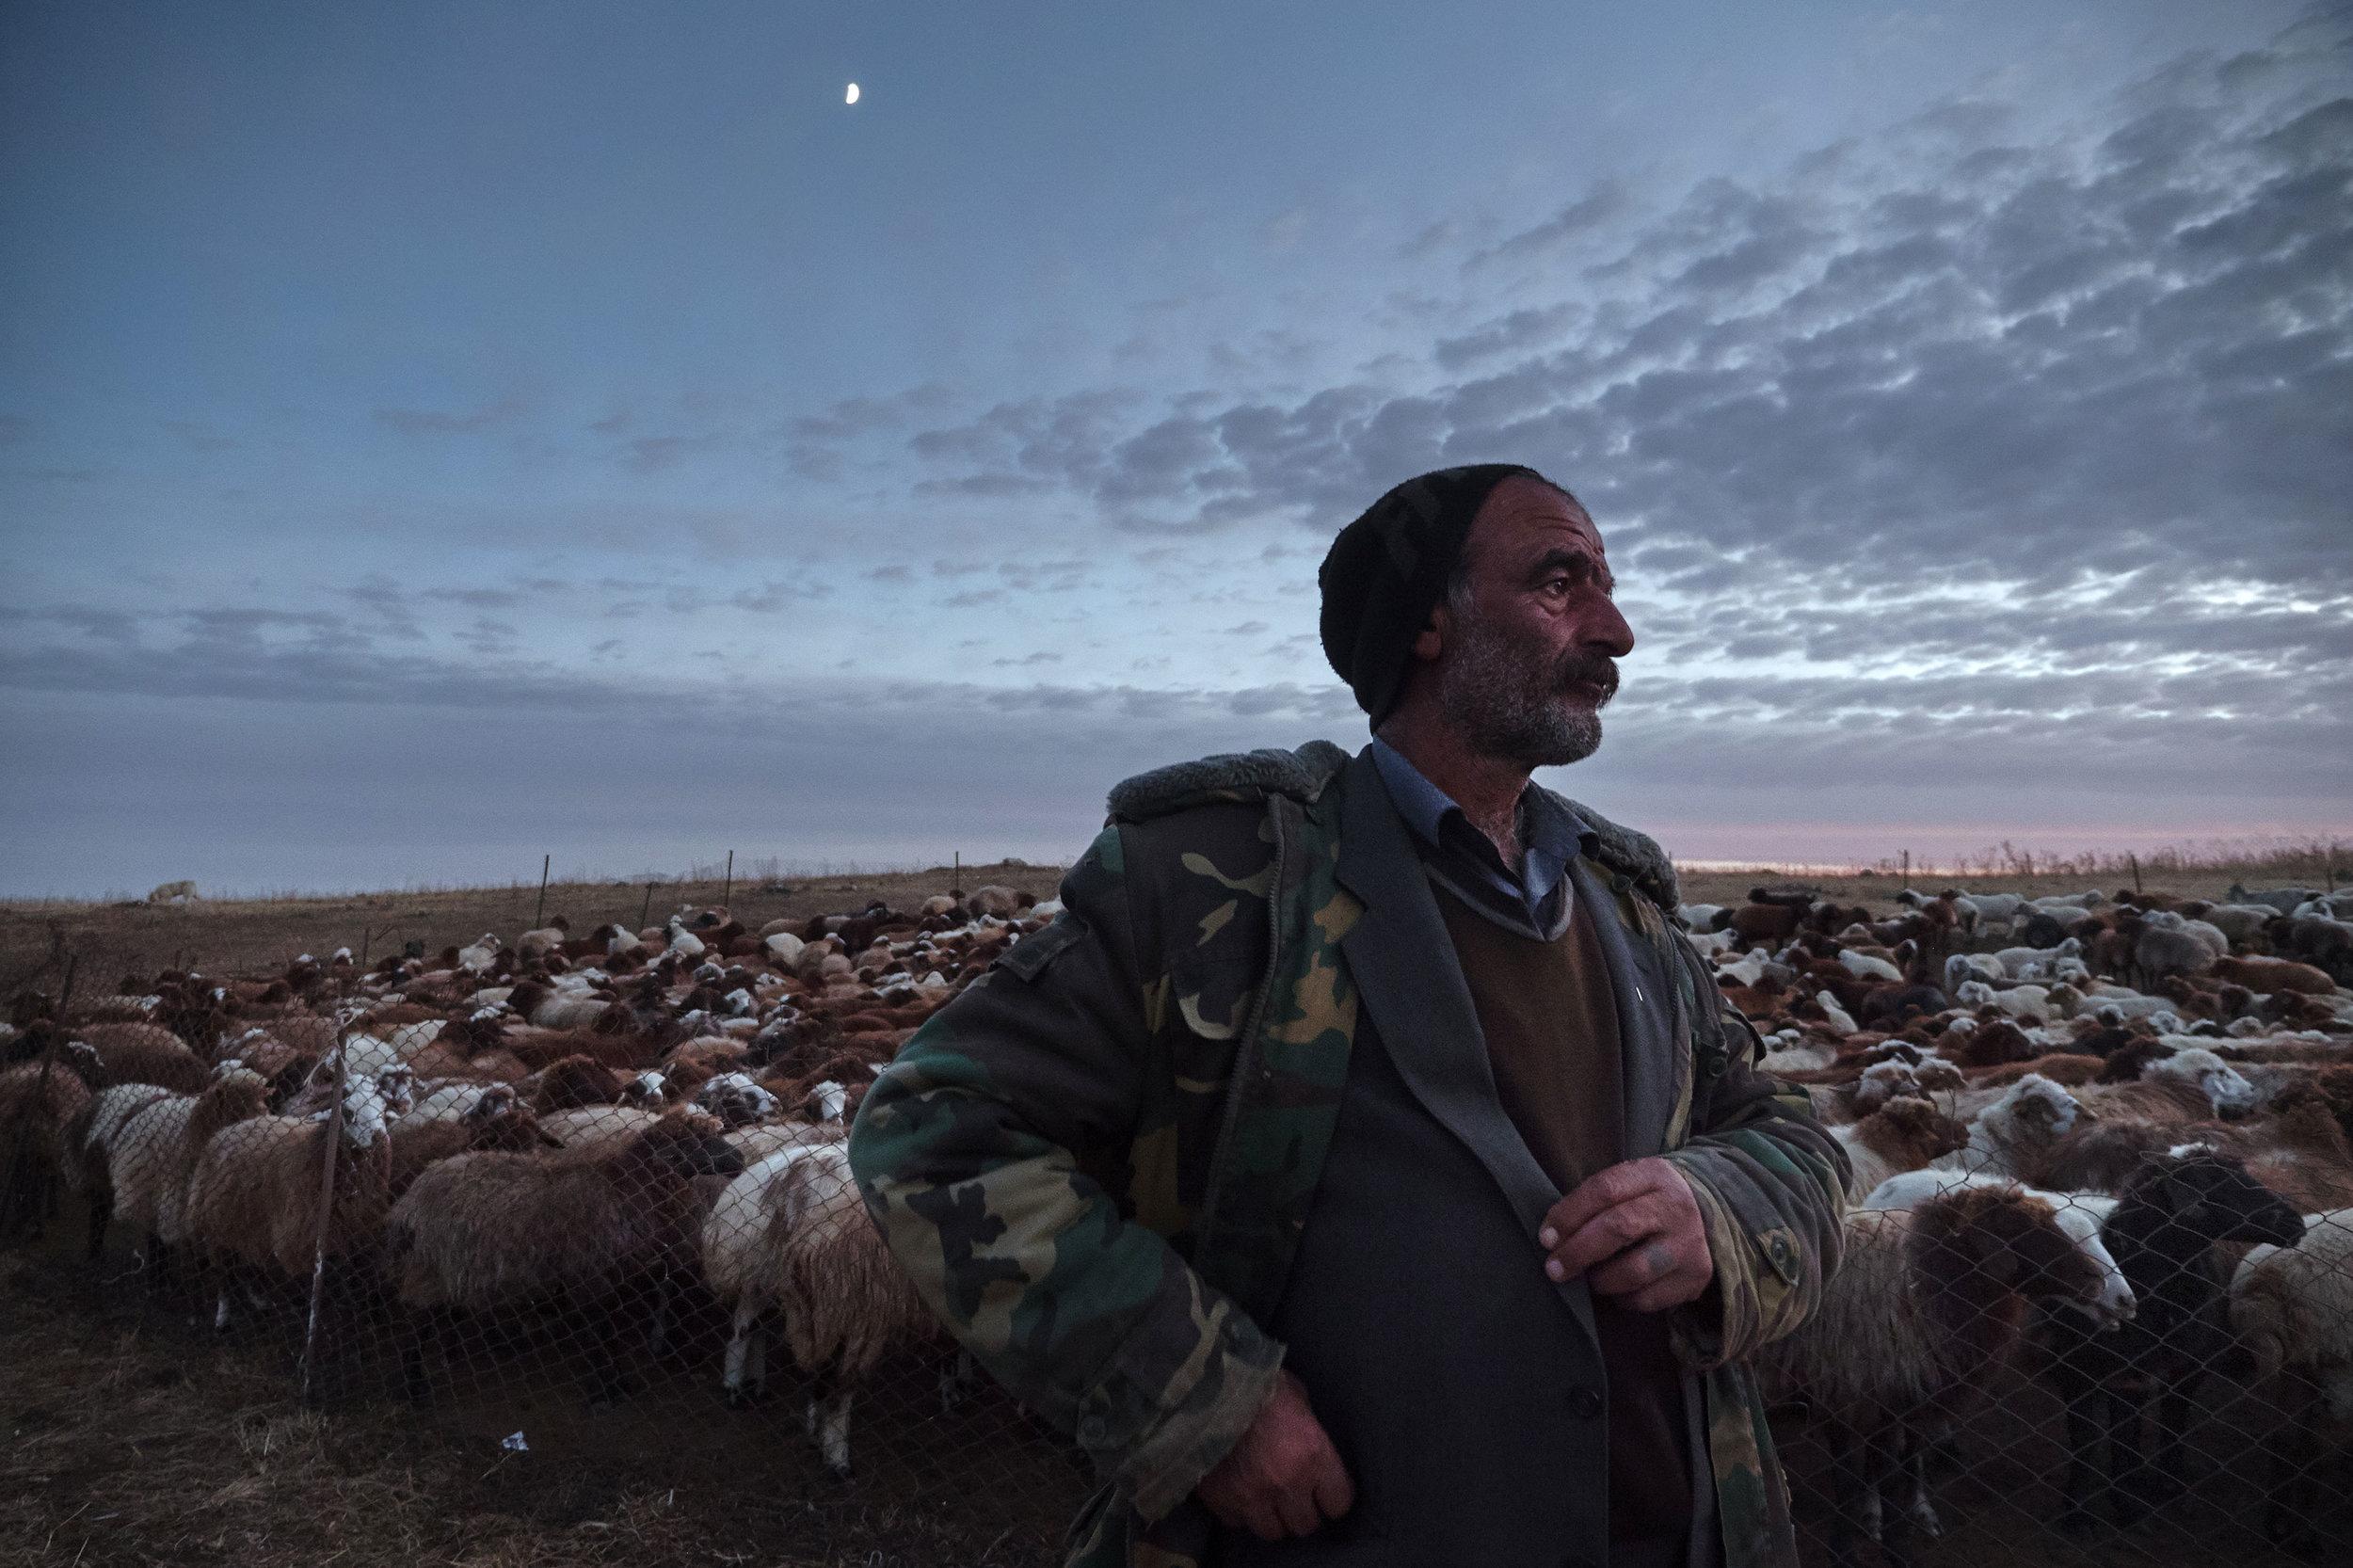 Yezidi+shepherd+Zakar.jpeg